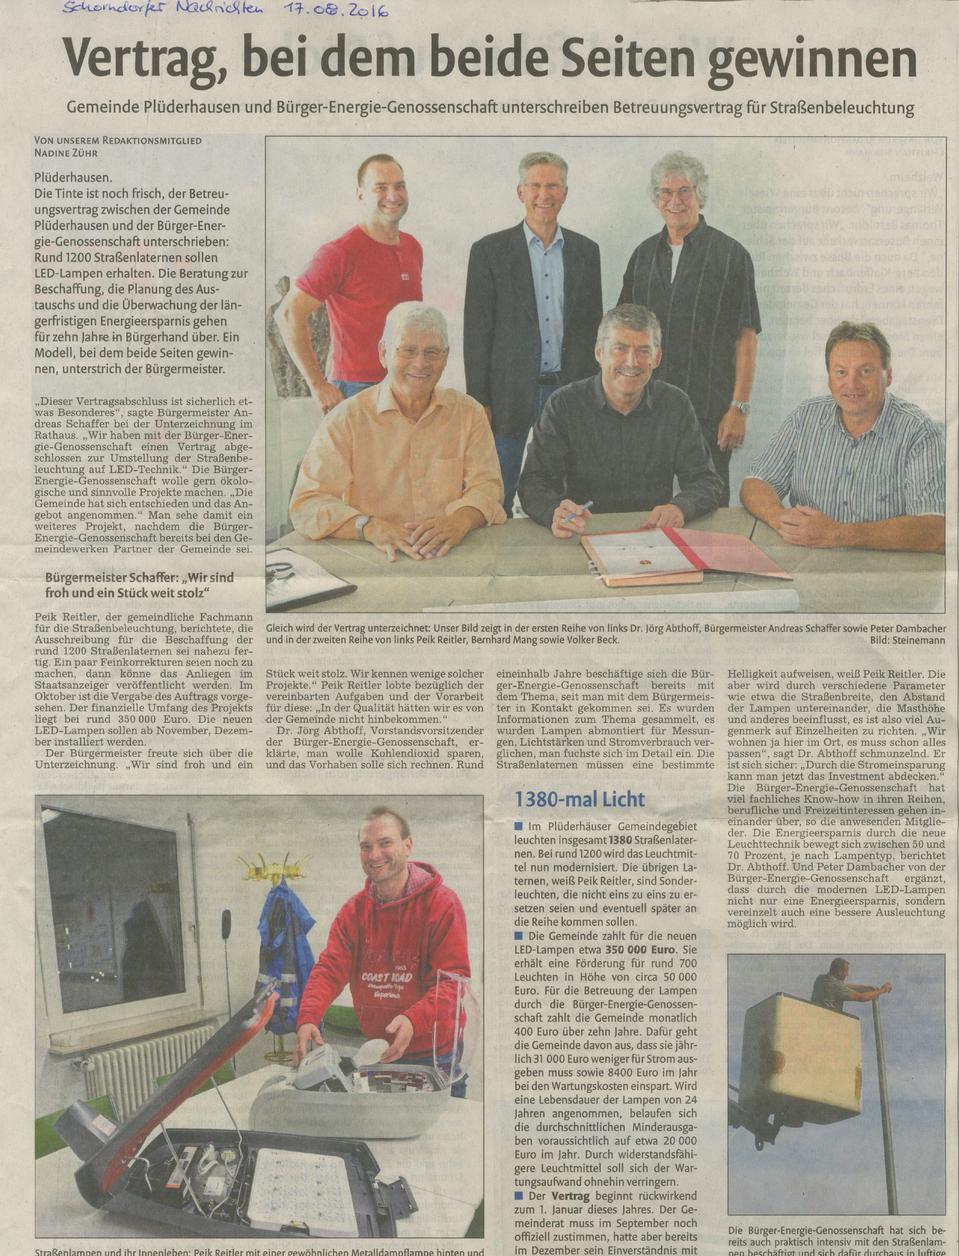 Eine Zeitungsseite der Schorndorfer Nachrichten vom 17.08.2016 über die Unterzeichnung des Betreuungsvertrags zwischen der Energiegenossenschaft und der Gemeinde, mit Fotos.